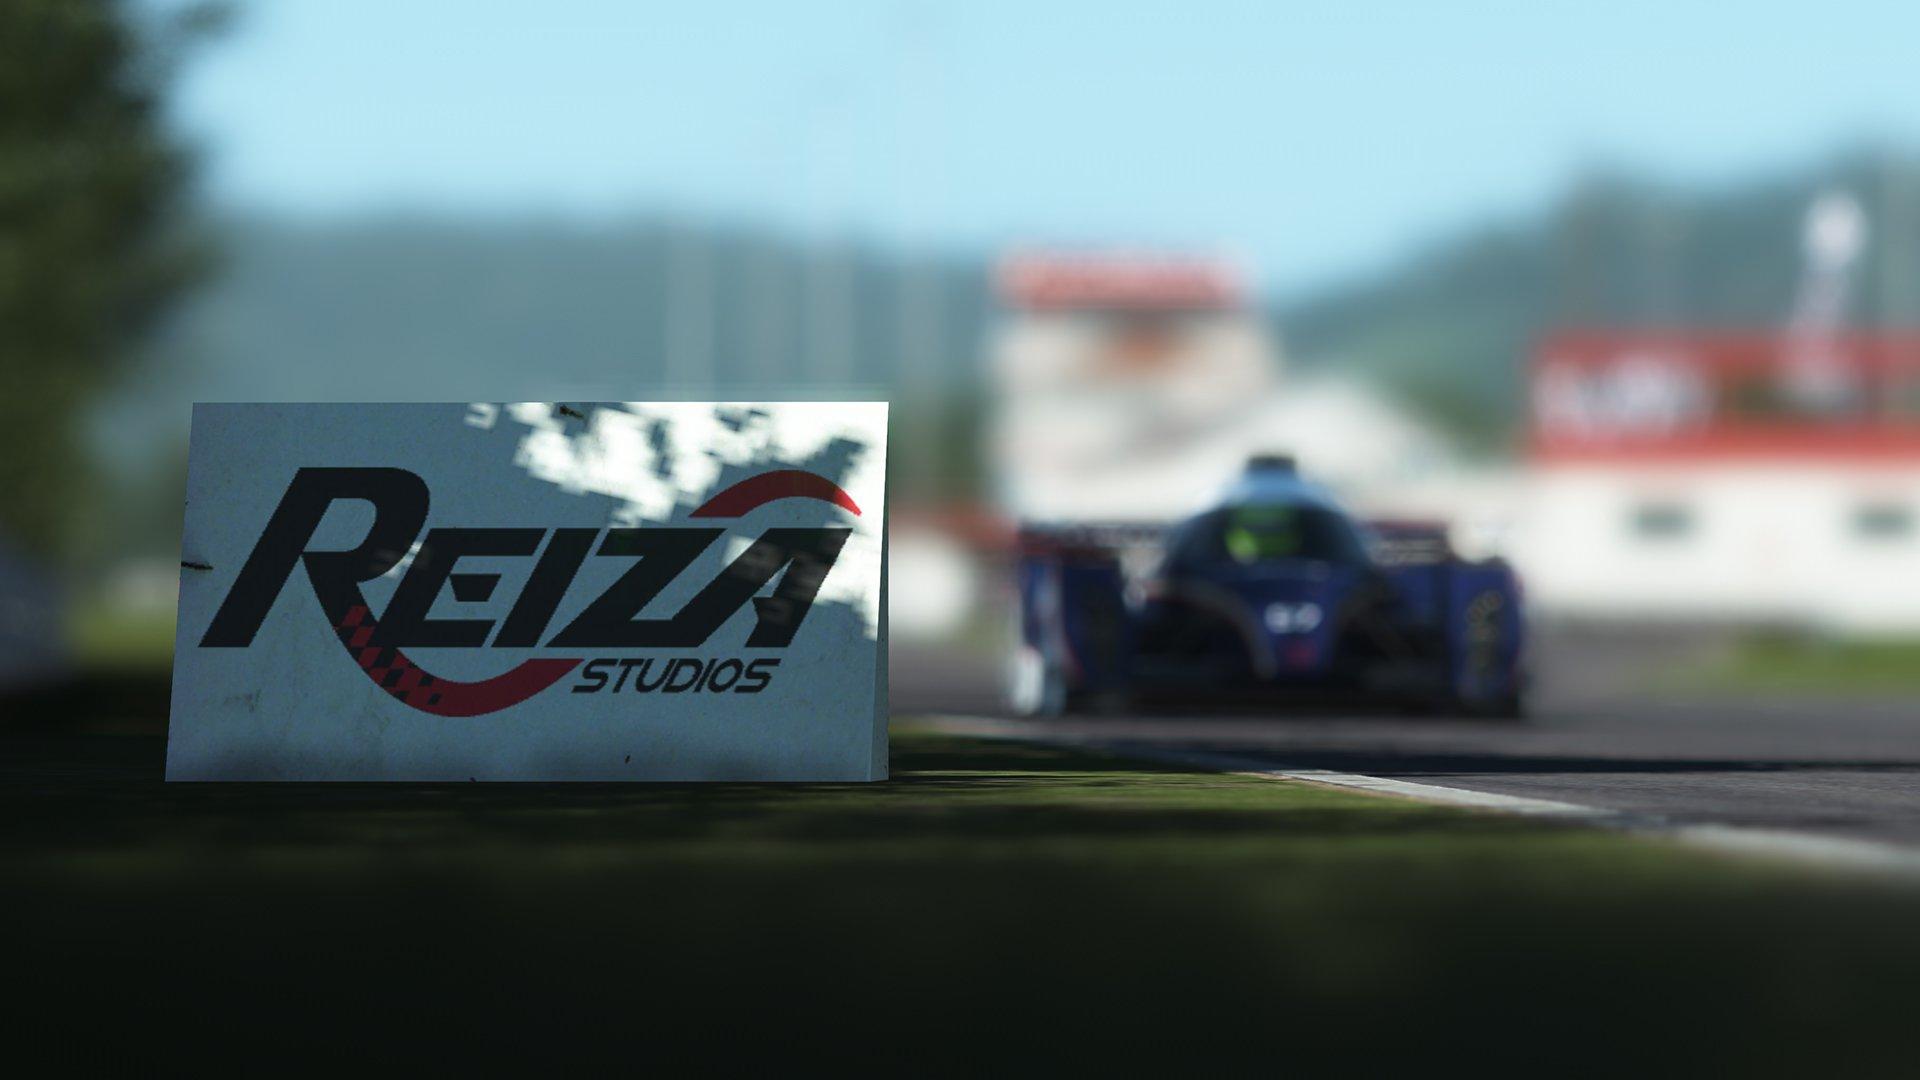 Reiza Studios Teaser Image .jpg